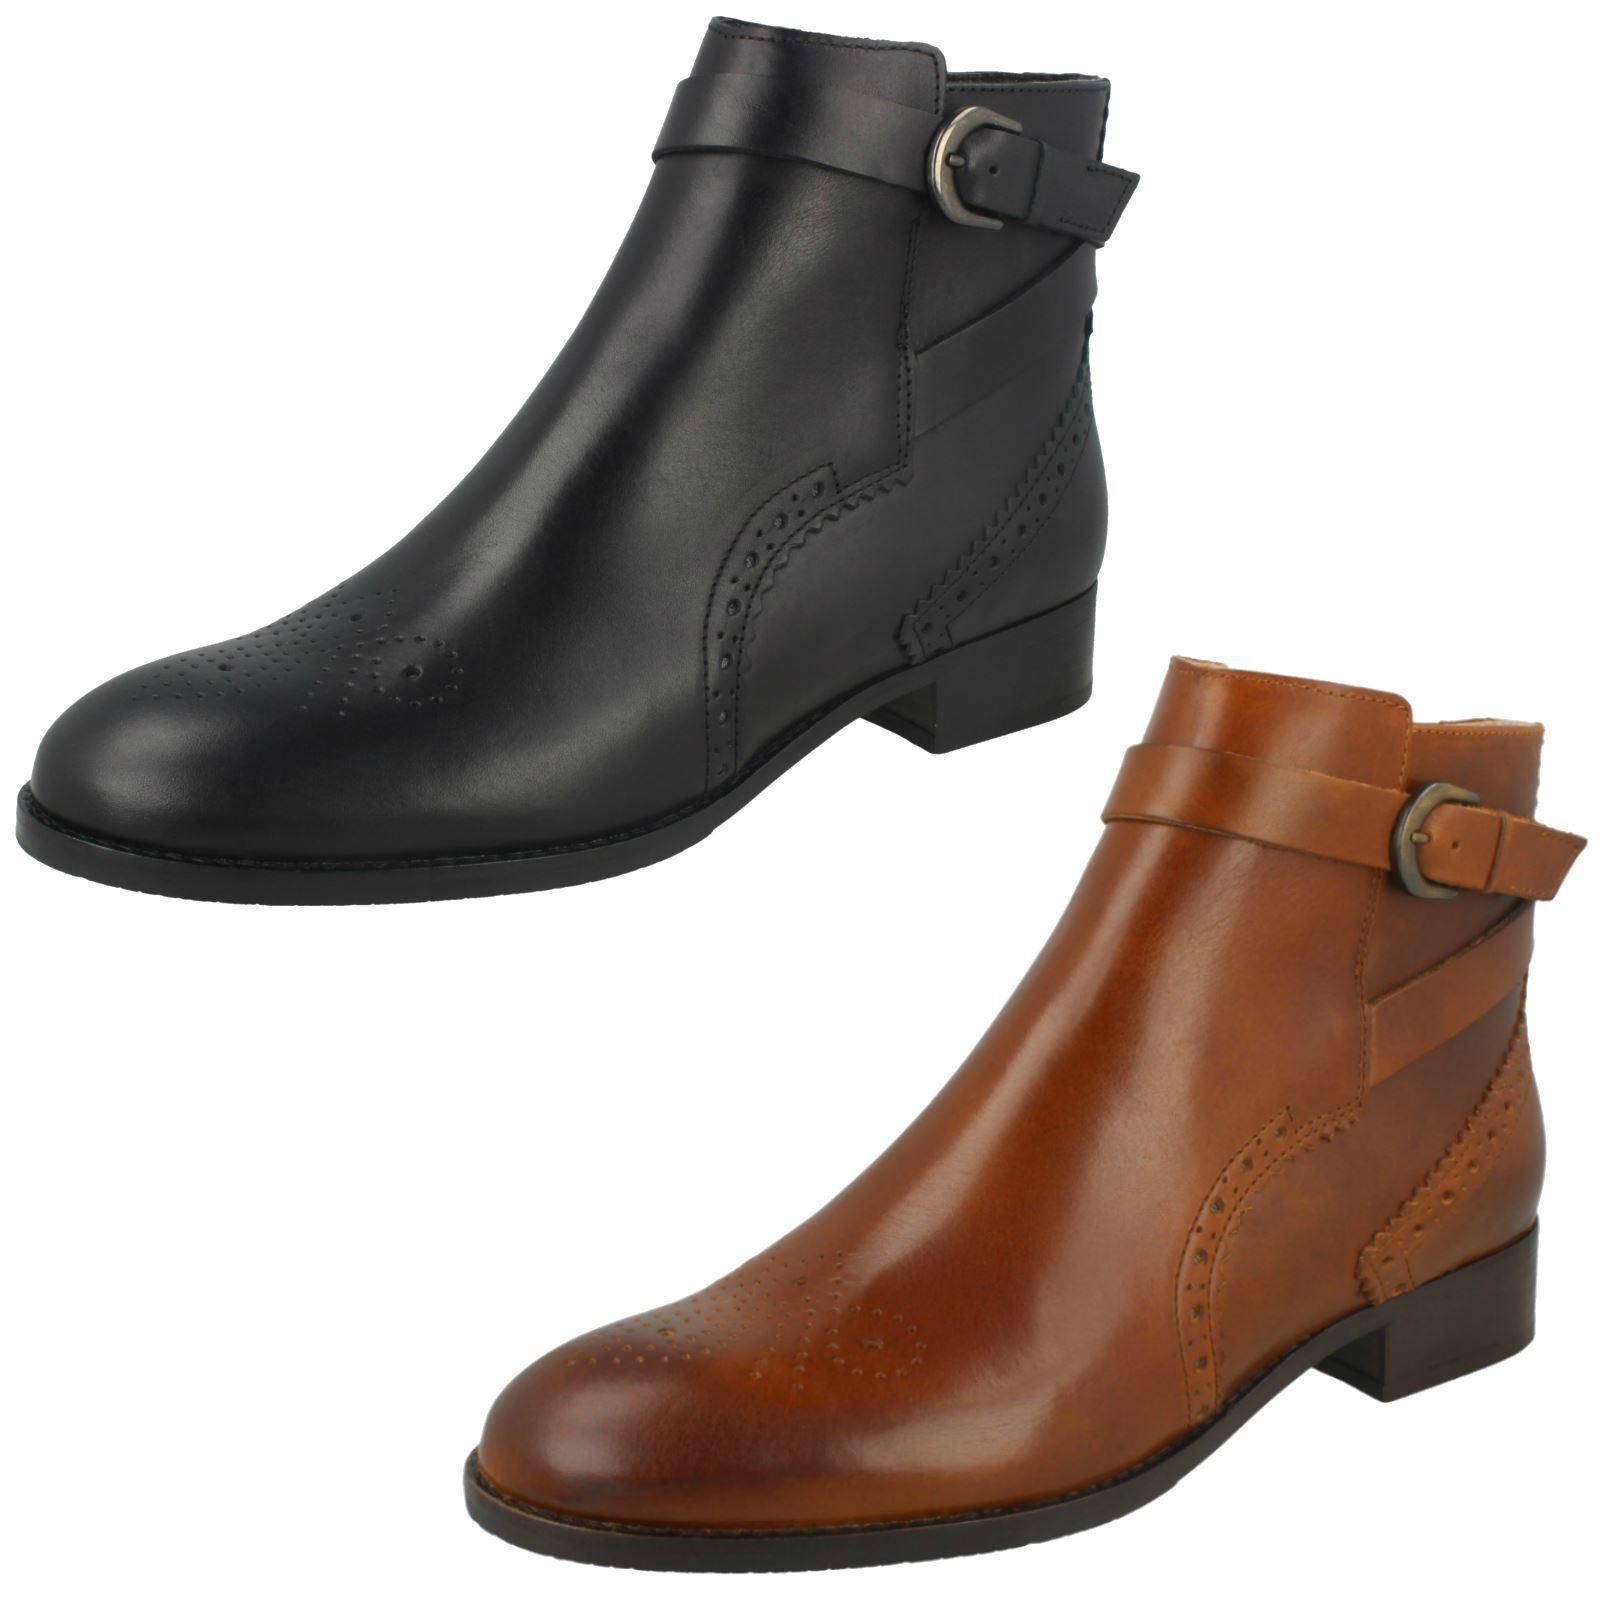 clarks netley olivia dames dames dames des bottines en cuir zip | Une Grande Variété De Modèles  83c9d4